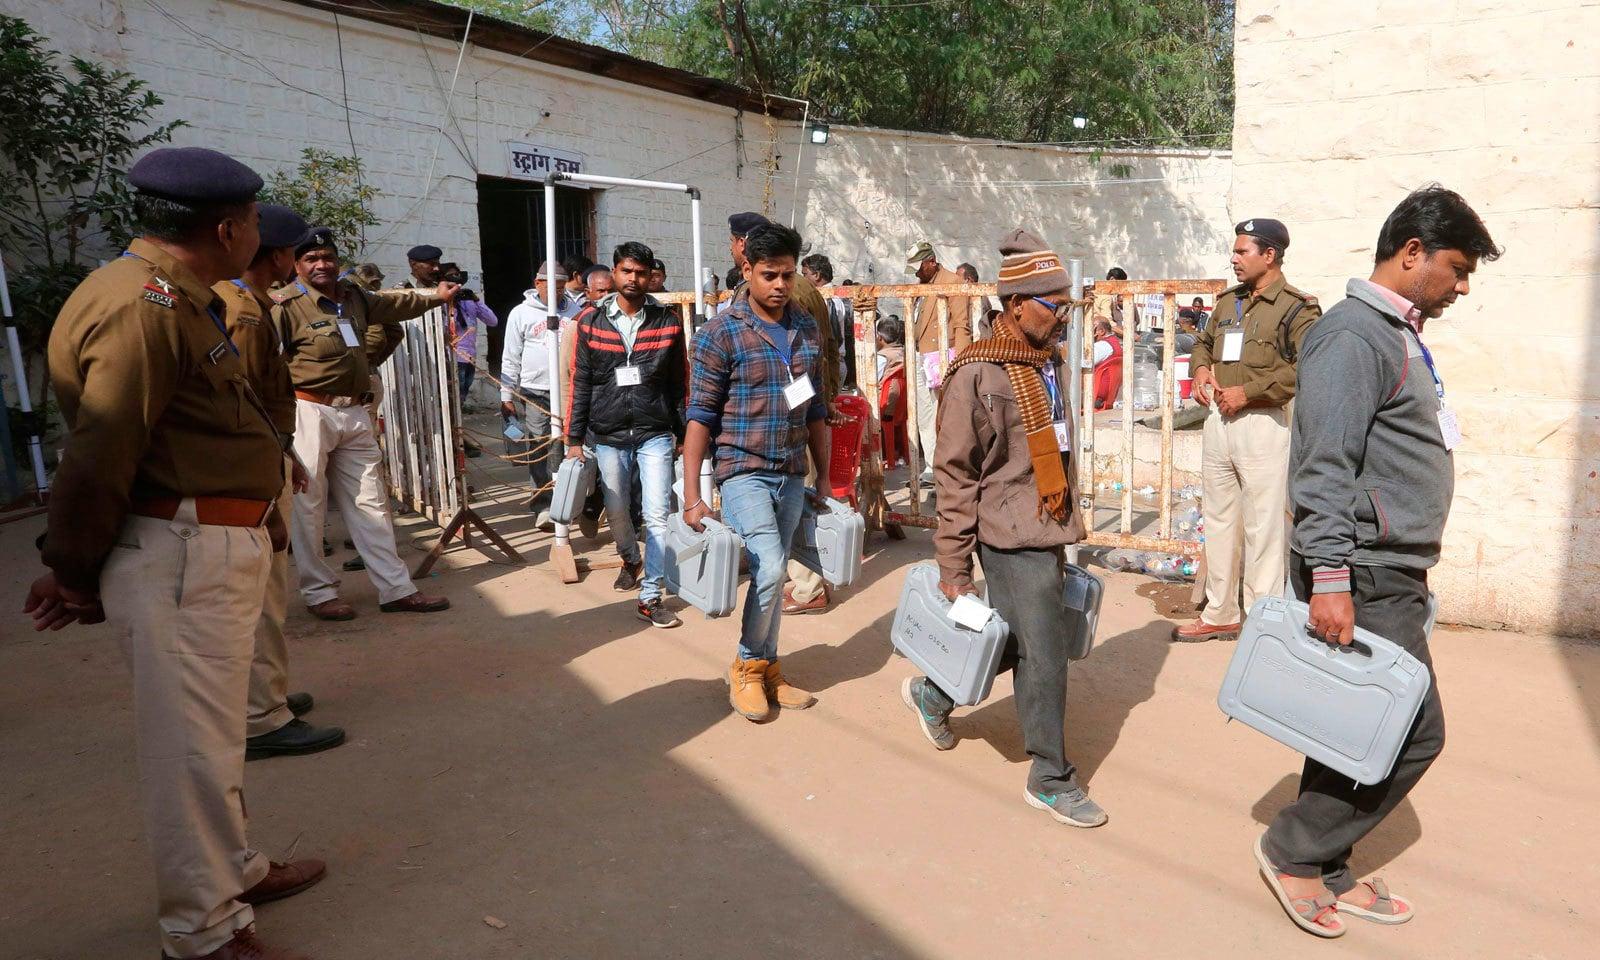 الیکشن ورکرز انتخابات سے قبل الیکٹرانک ووٹنگ مشین لے کر جارہے ہیں — فوٹو : اے ایف پی